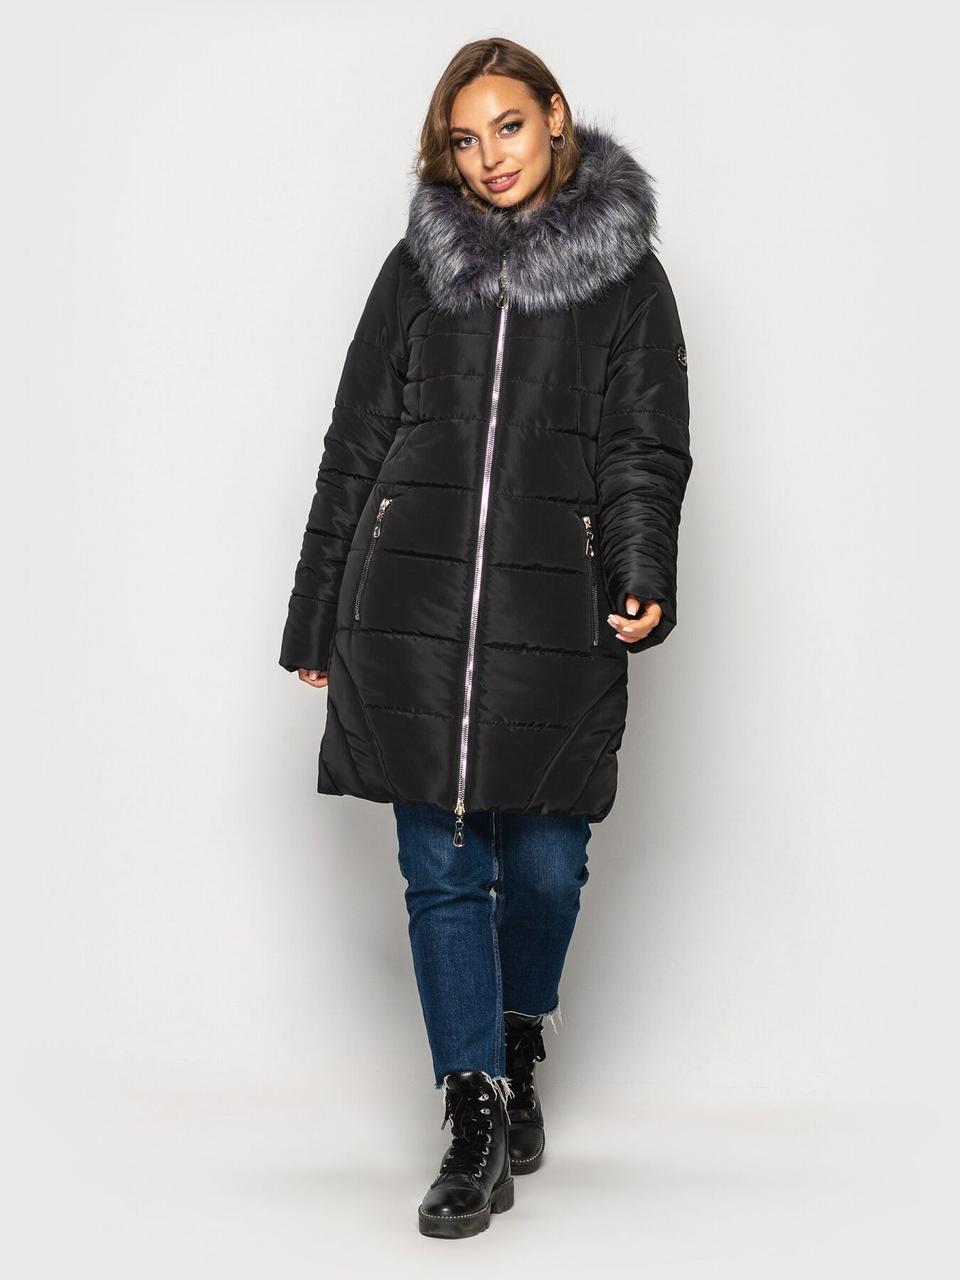 Женская зимняя куртка с мехом стеганая черного цвета, 60